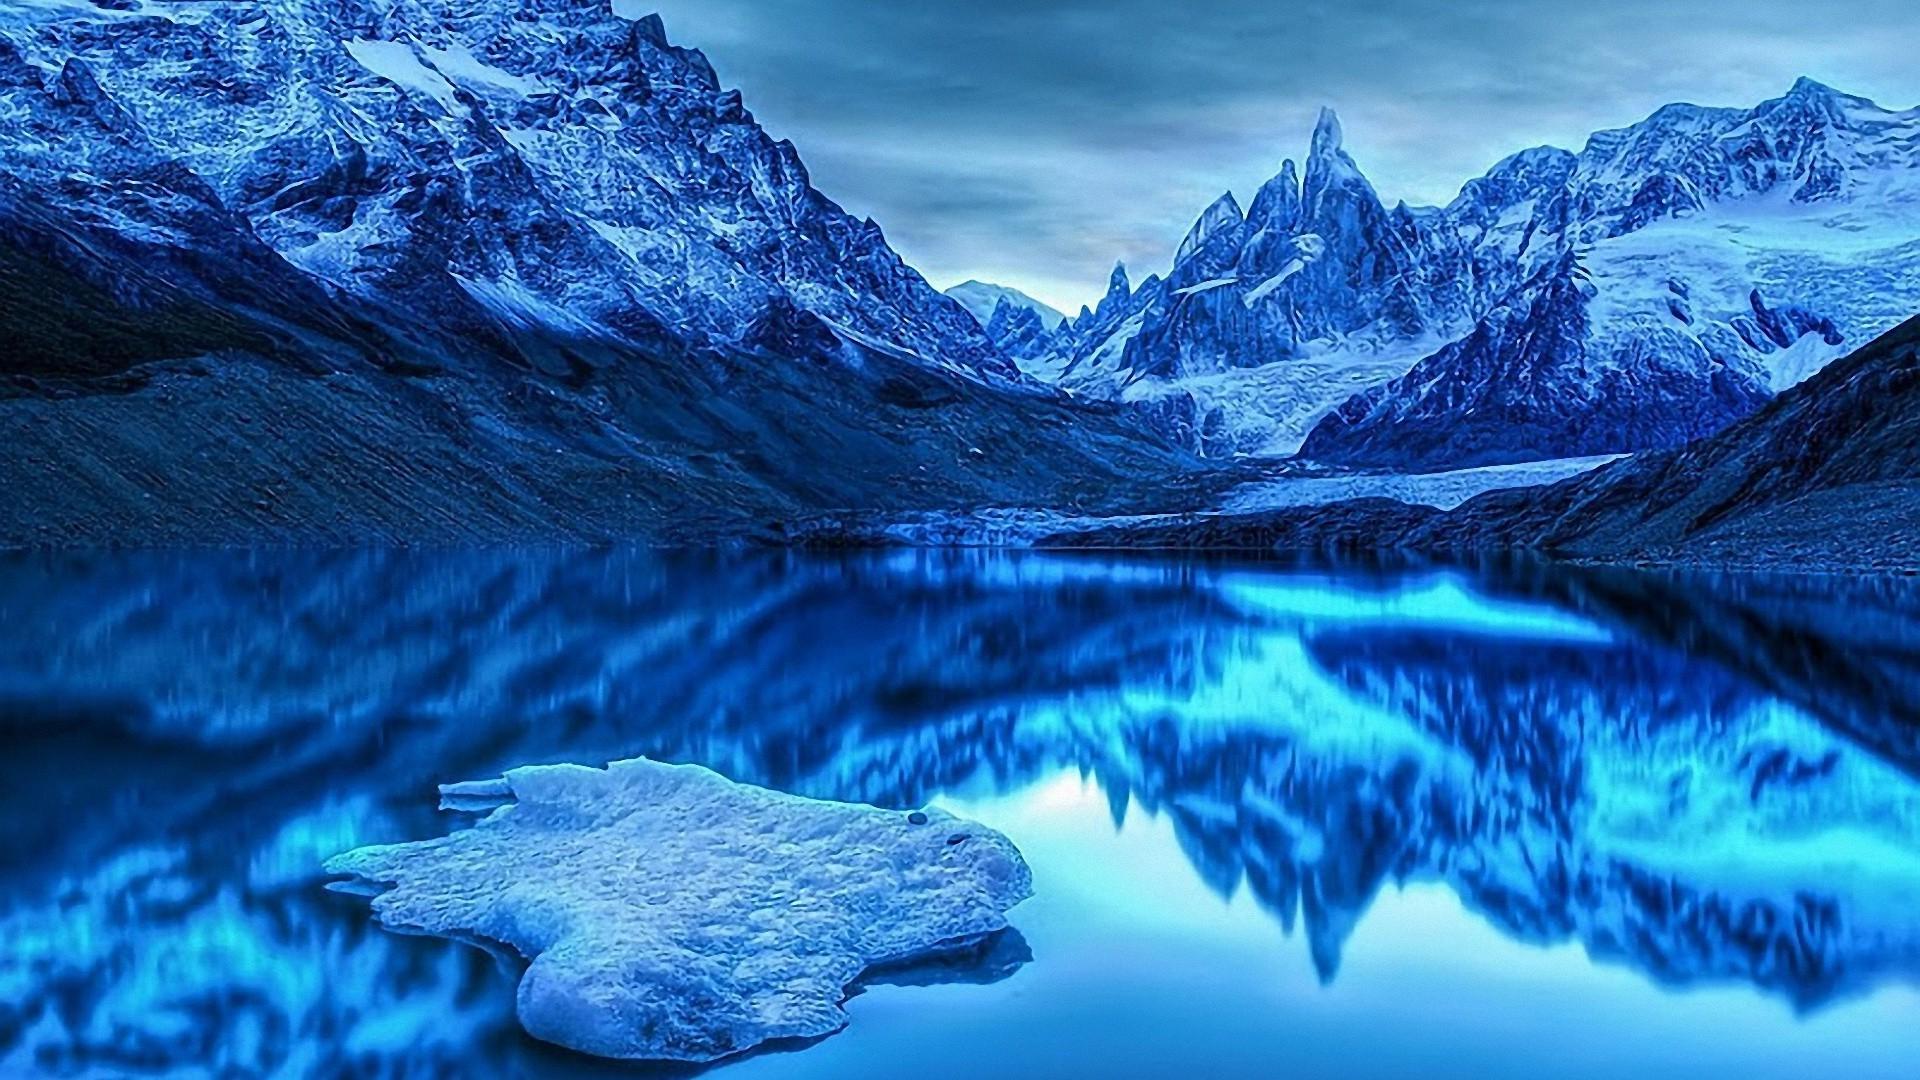 Синие горы обои на рабочий стол